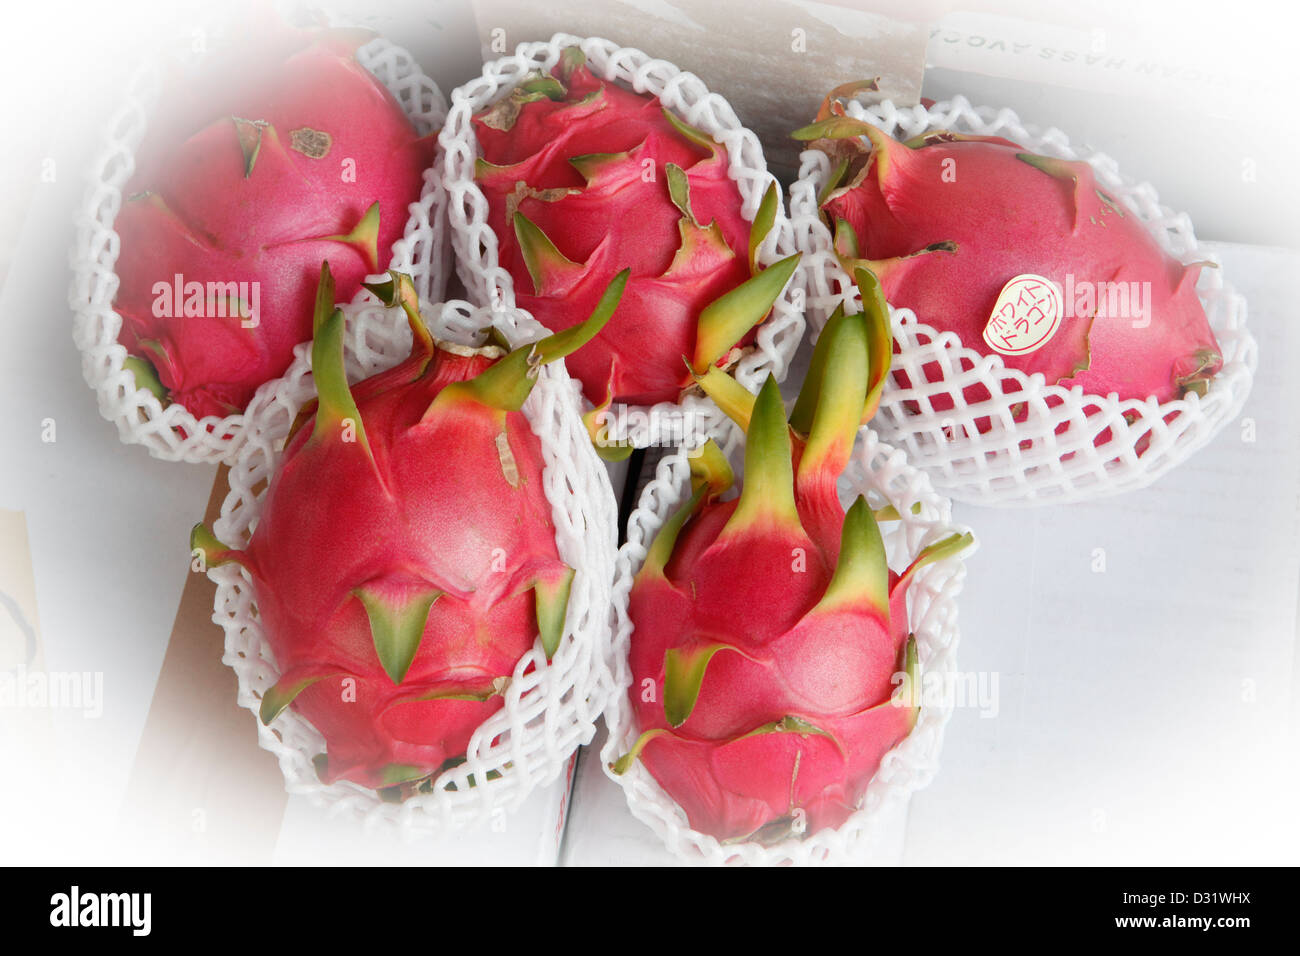 Pitaya, fruit, Japan - Stock Image